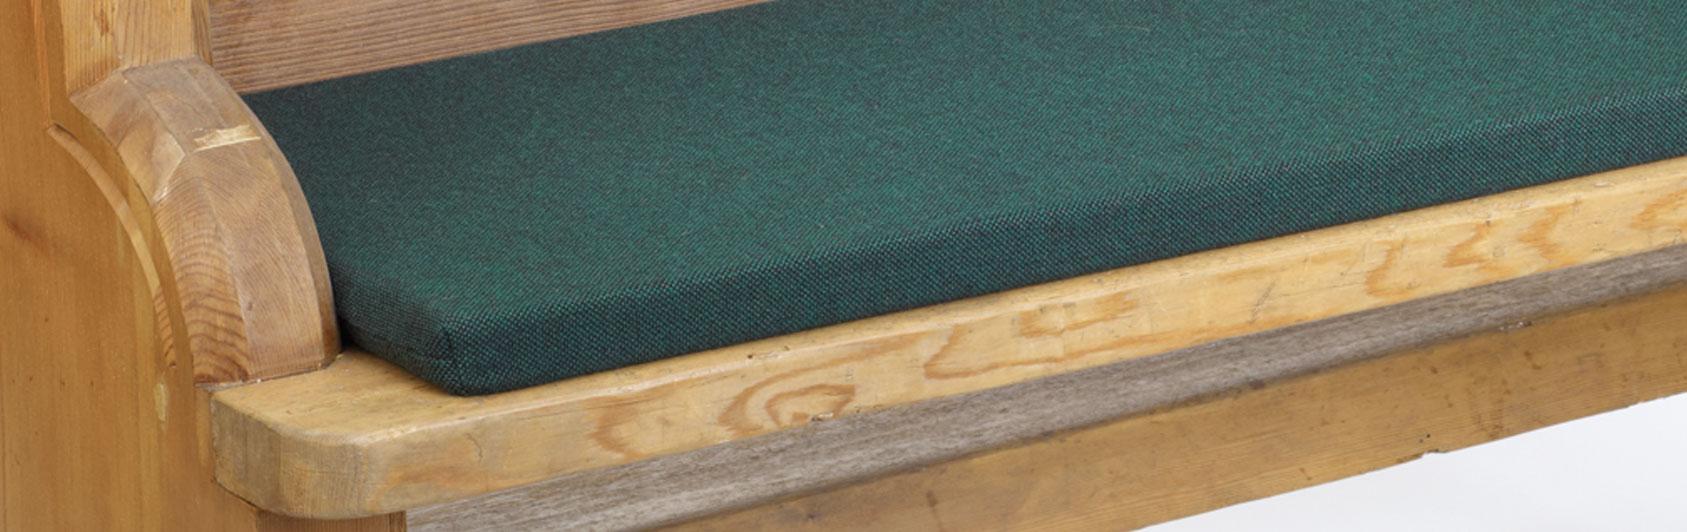 banque échantillon coussin Bankauflage Simplex code couleur 7105 coleur vert foncé